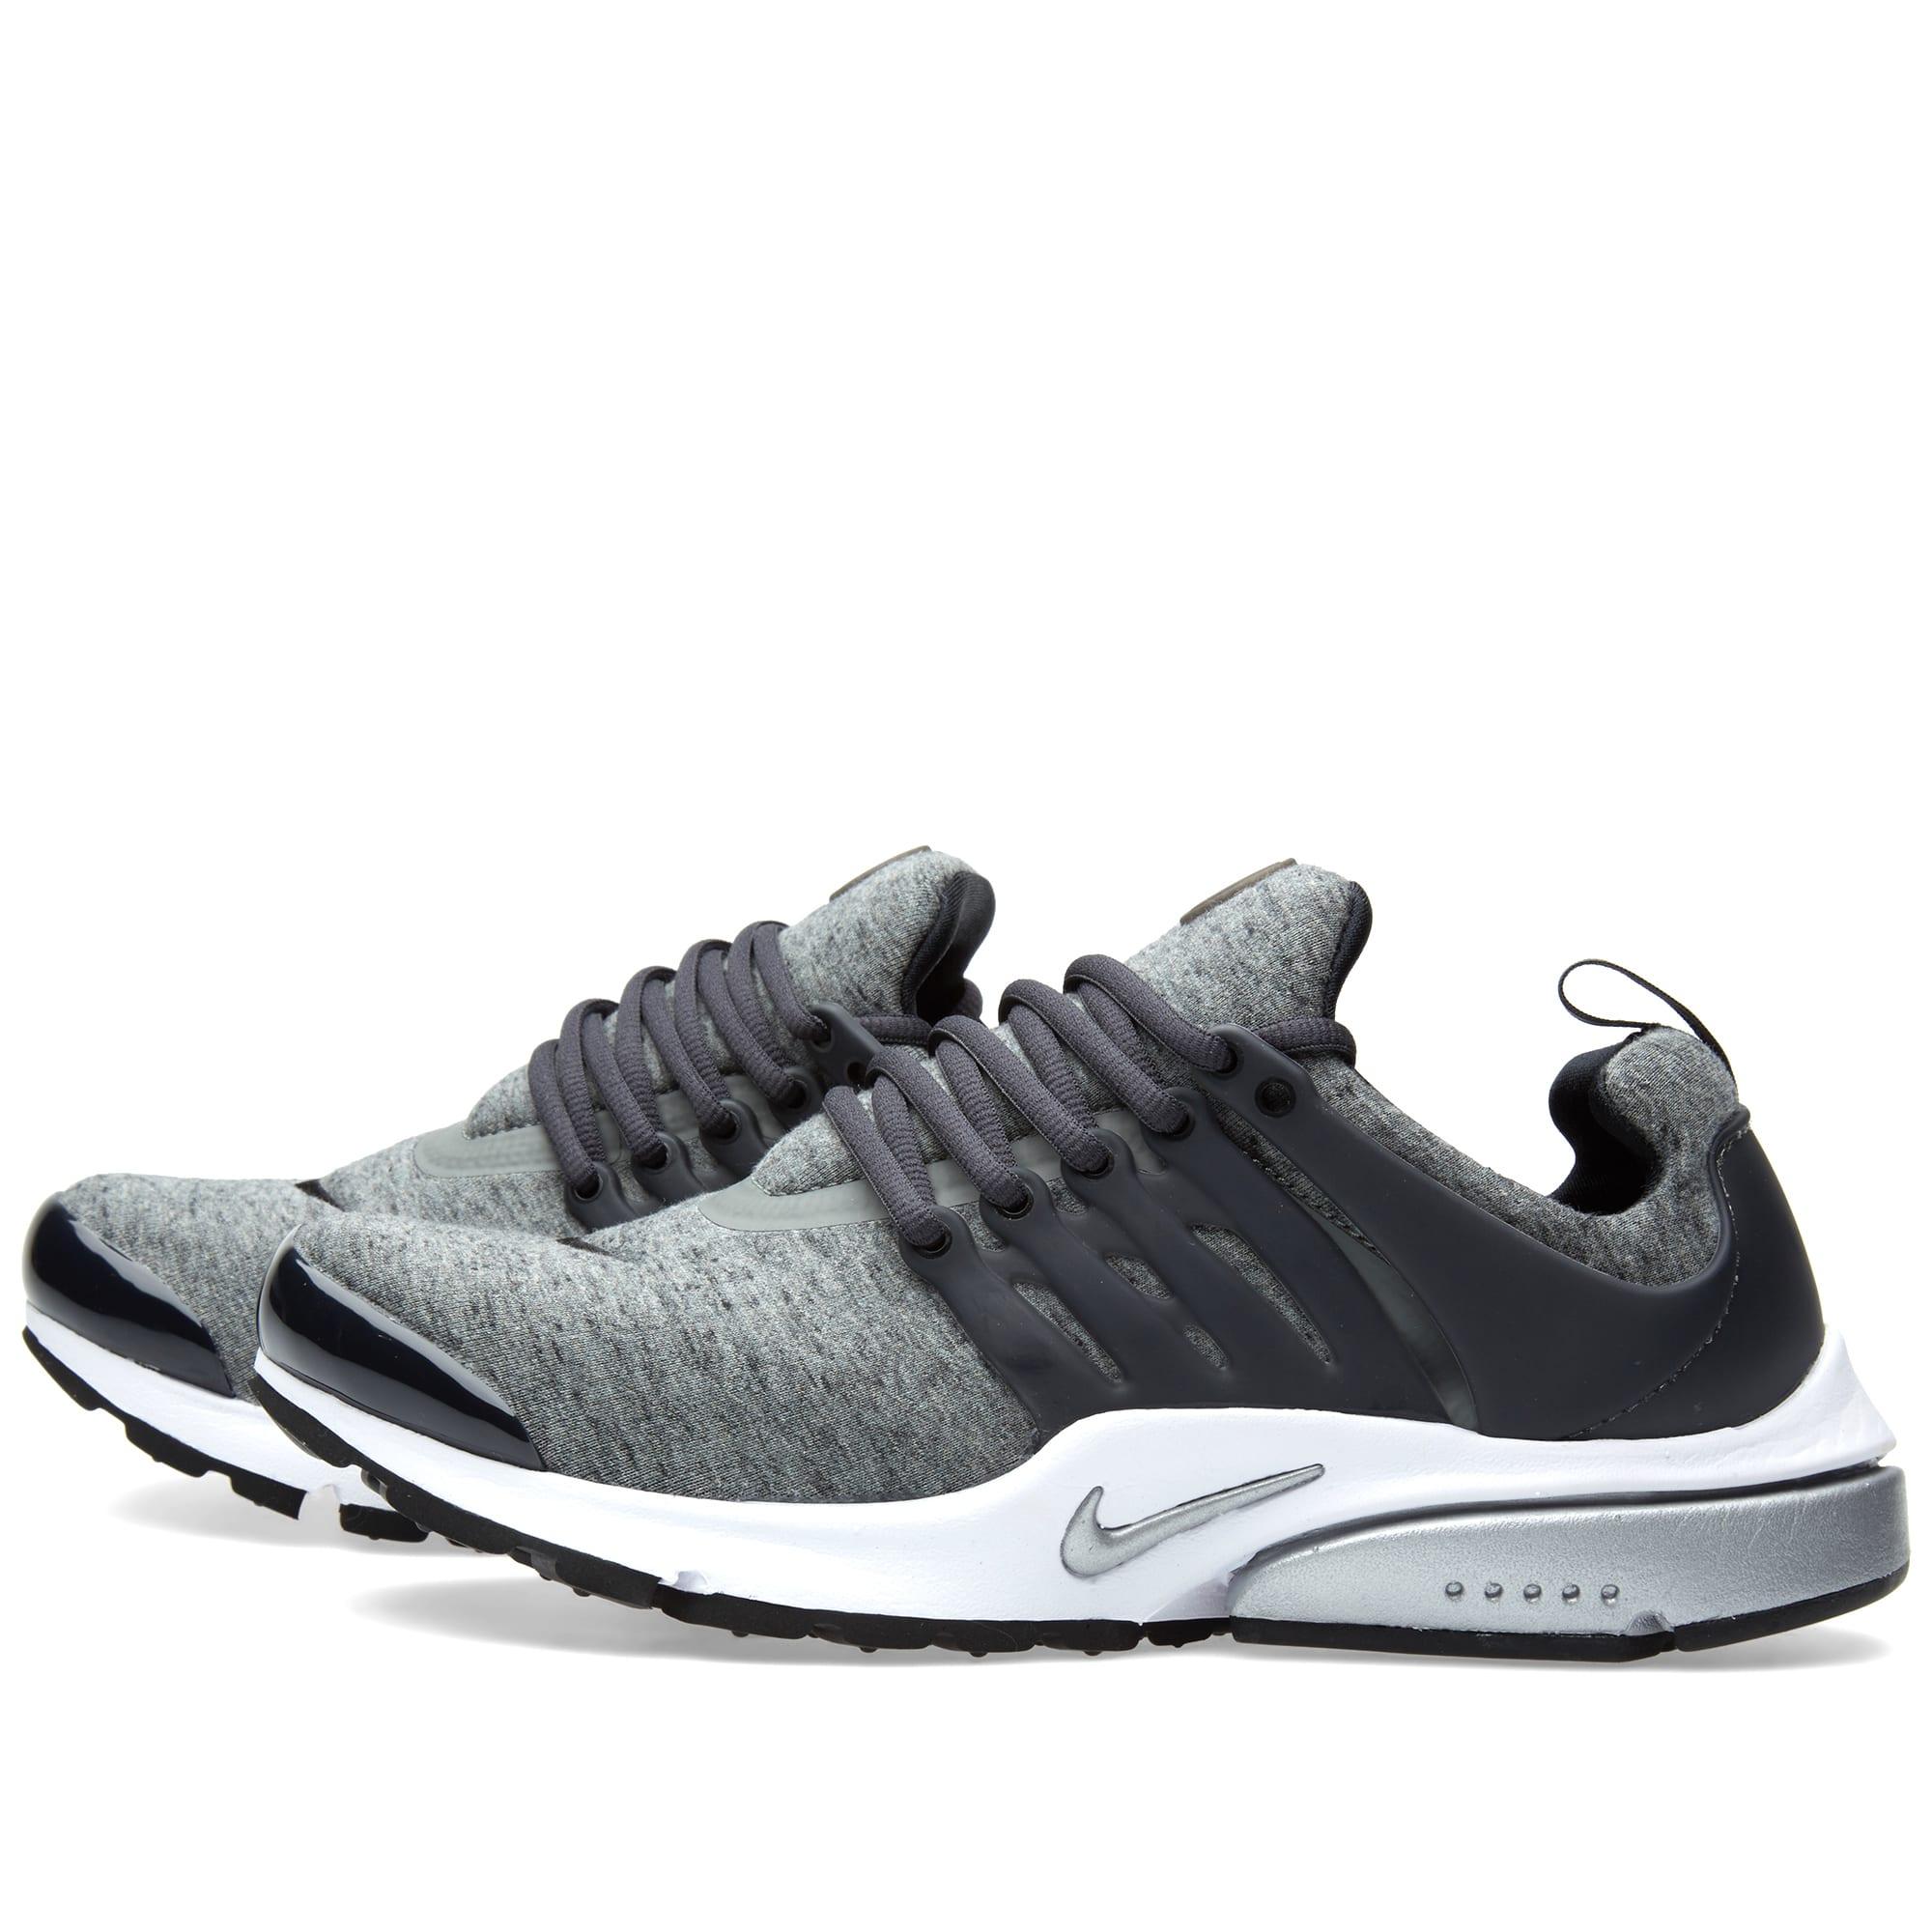 3797d6490140 Nike Air Presto TP QS Tumbled Grey